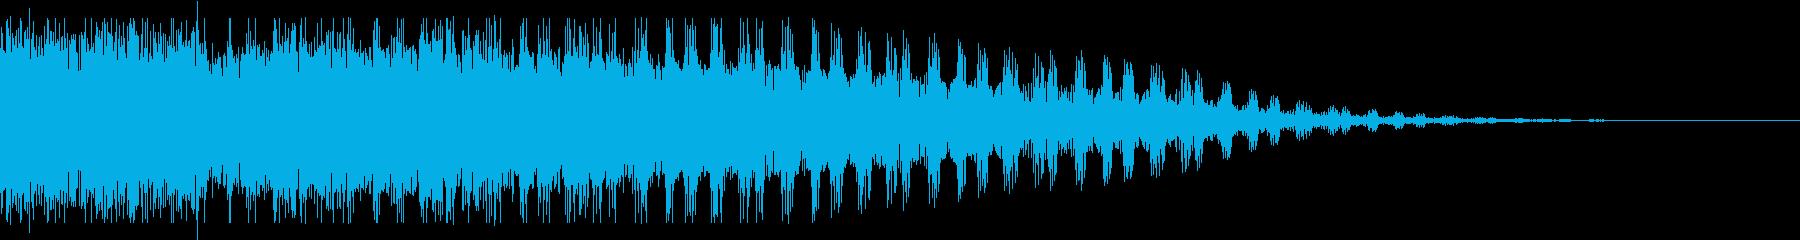 ワーブルフーシュの再生済みの波形